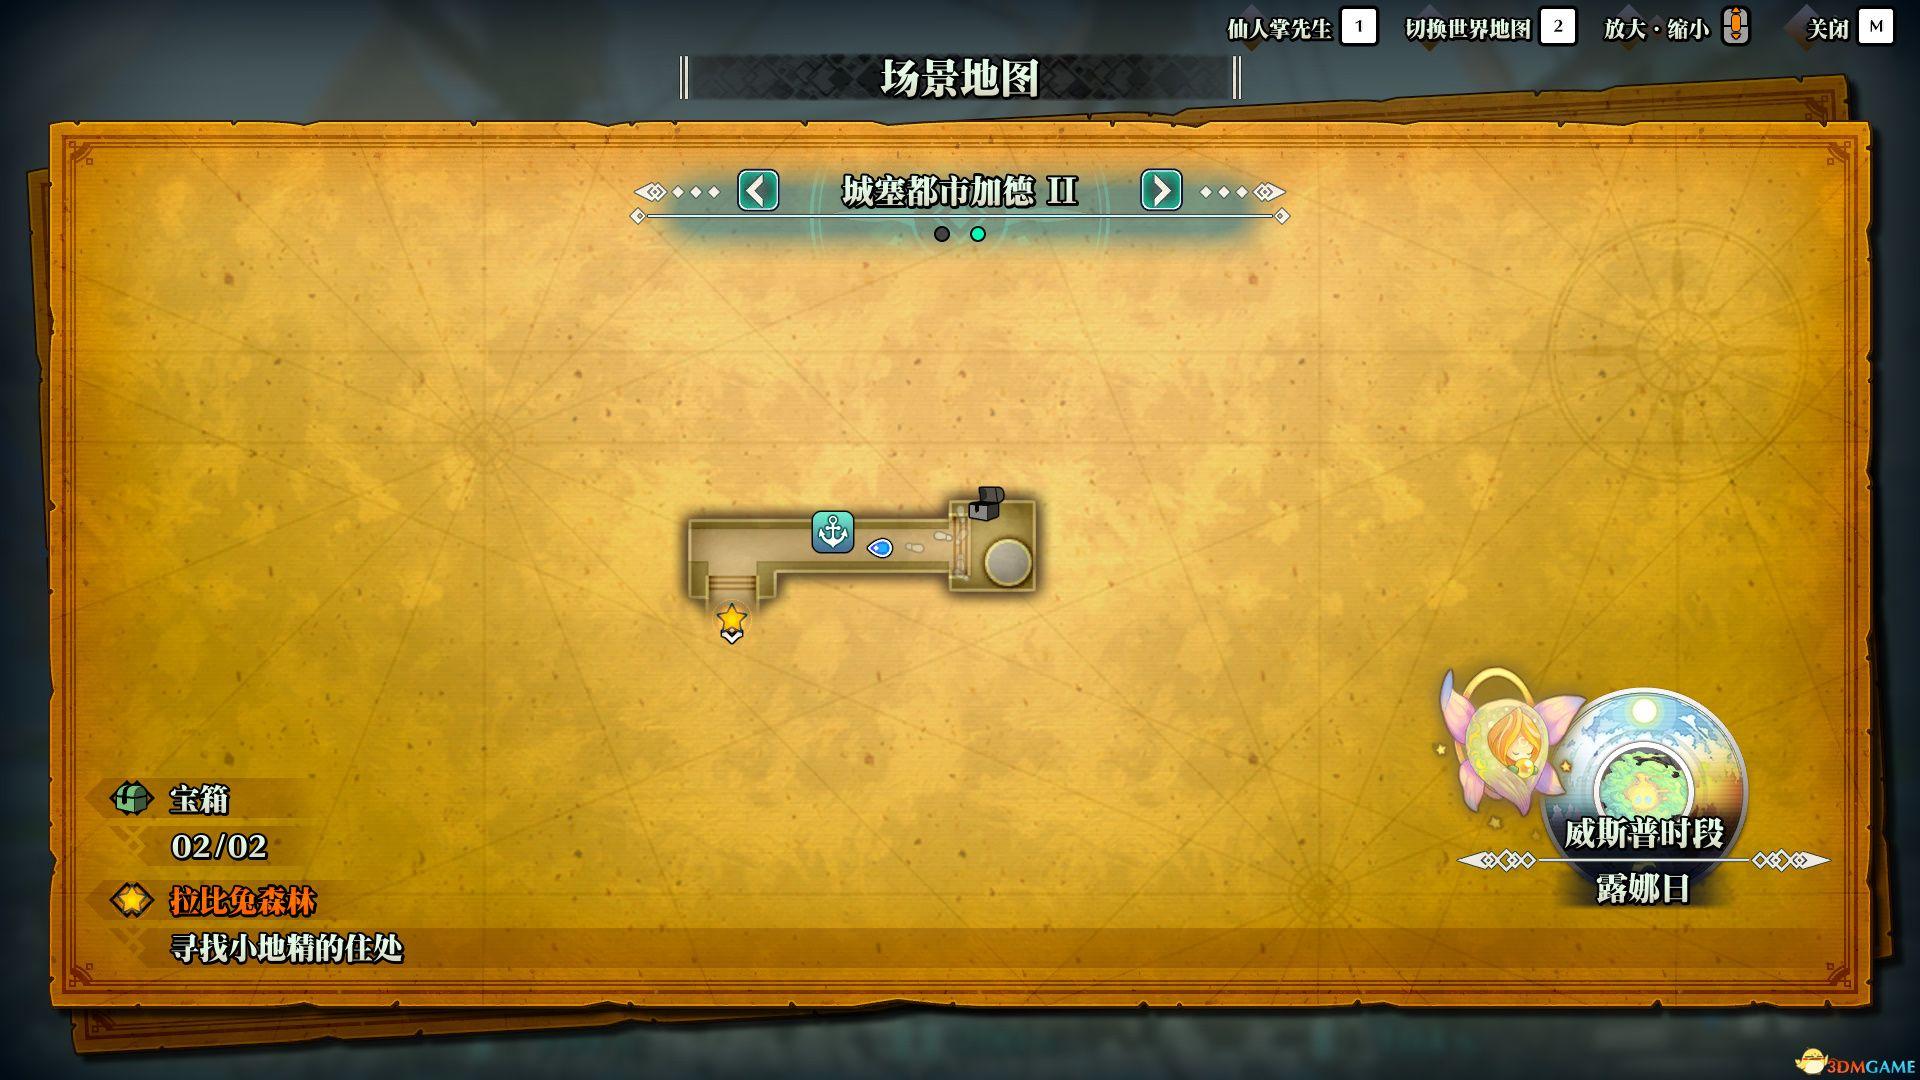 《圣剑传说3:重制版》图文攻略 全流程全支线任务及地图探索攻略